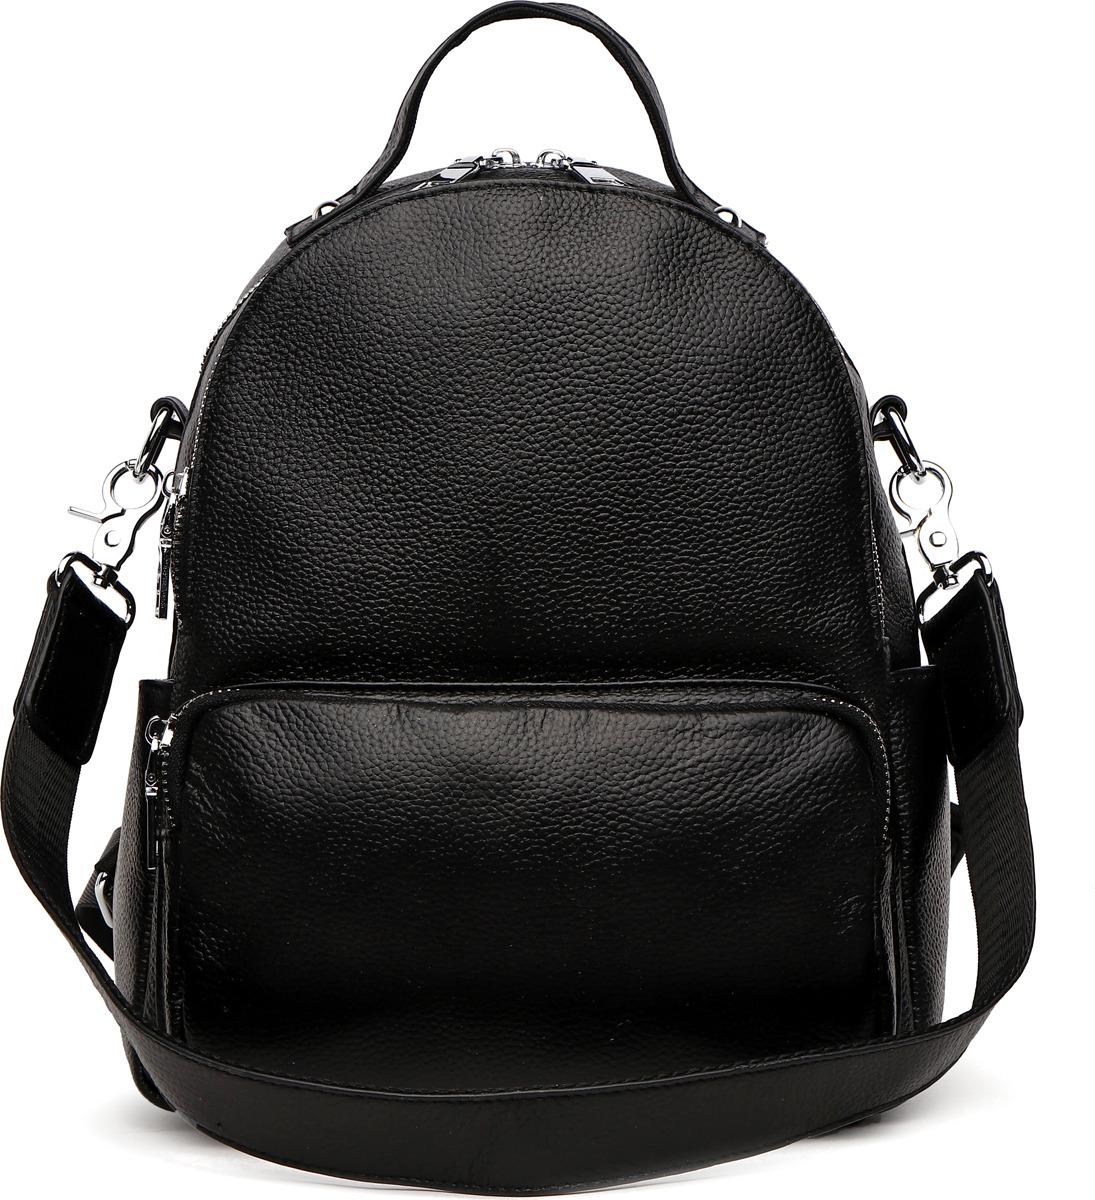 Рюкзак женский DDA, цвет: черный. DDA LB-3026BK рюкзак женский adidas backpack xs цвет черный dv0212